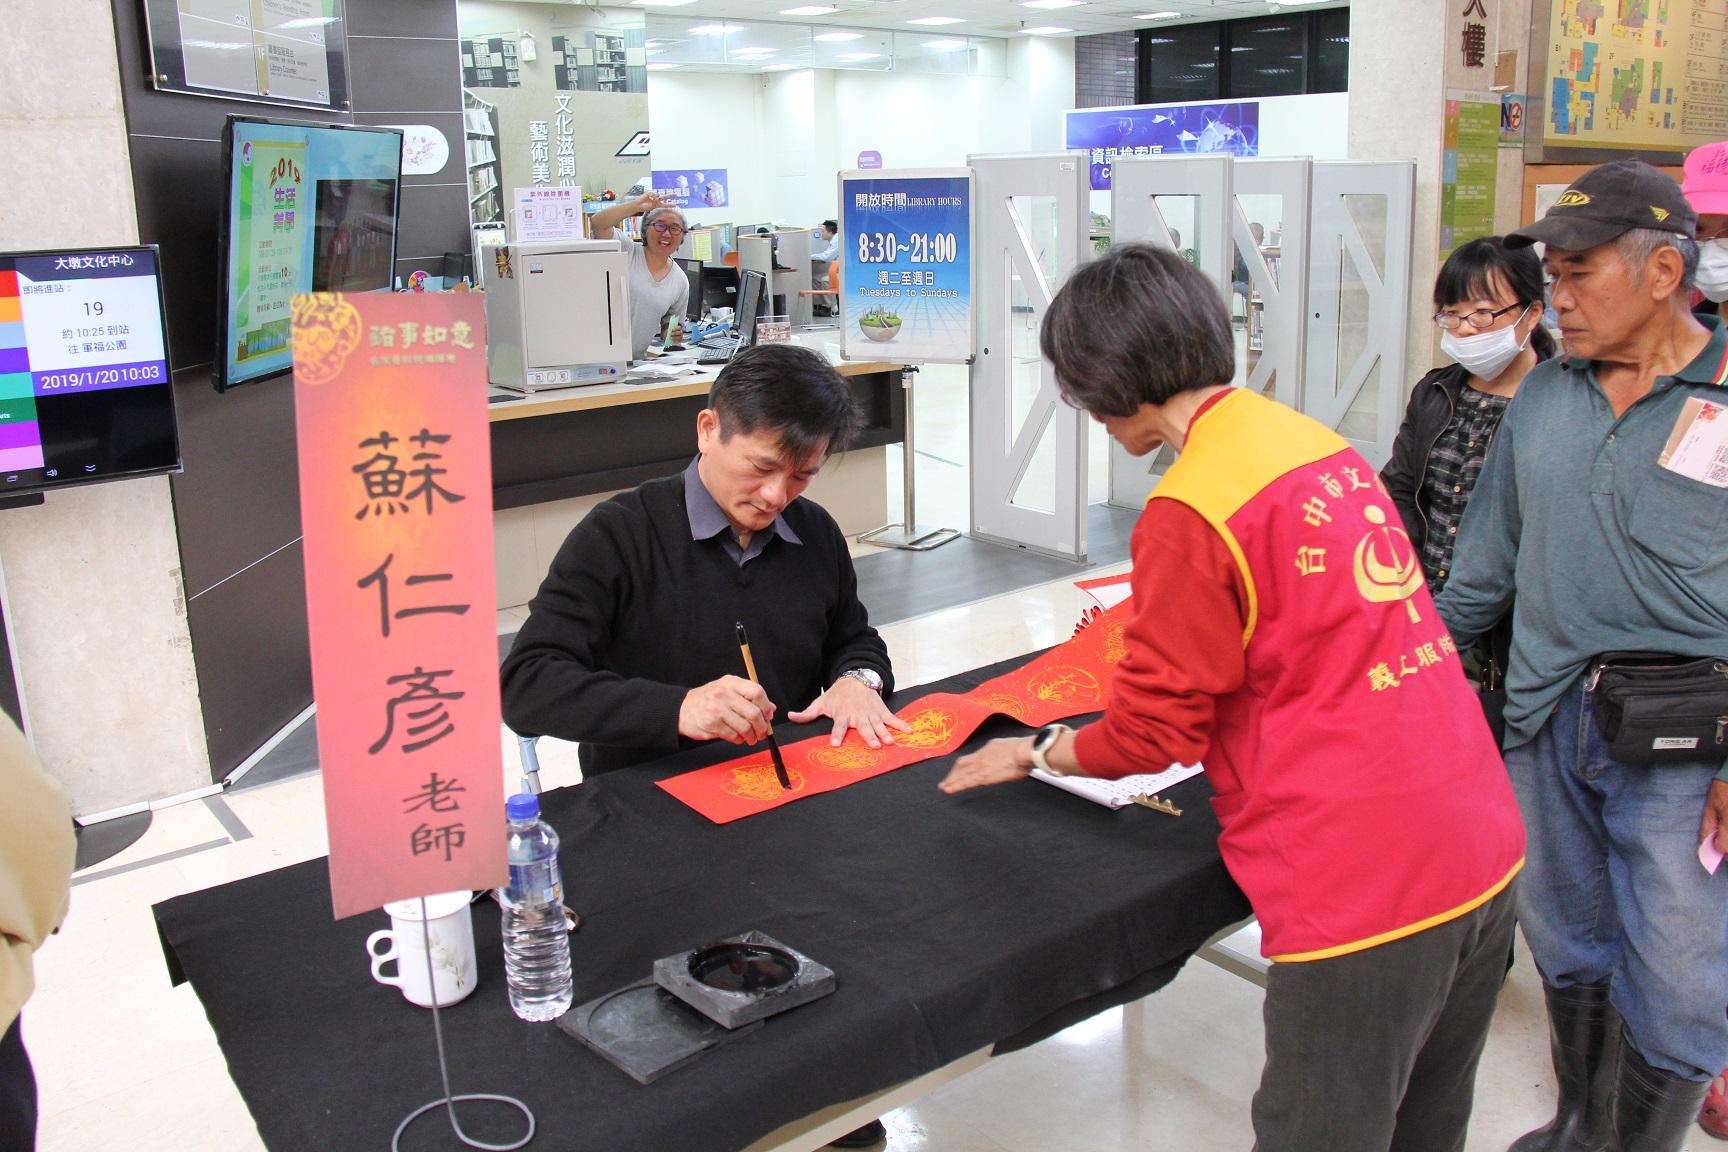 蘇仁彥老師為民眾書寫春聯